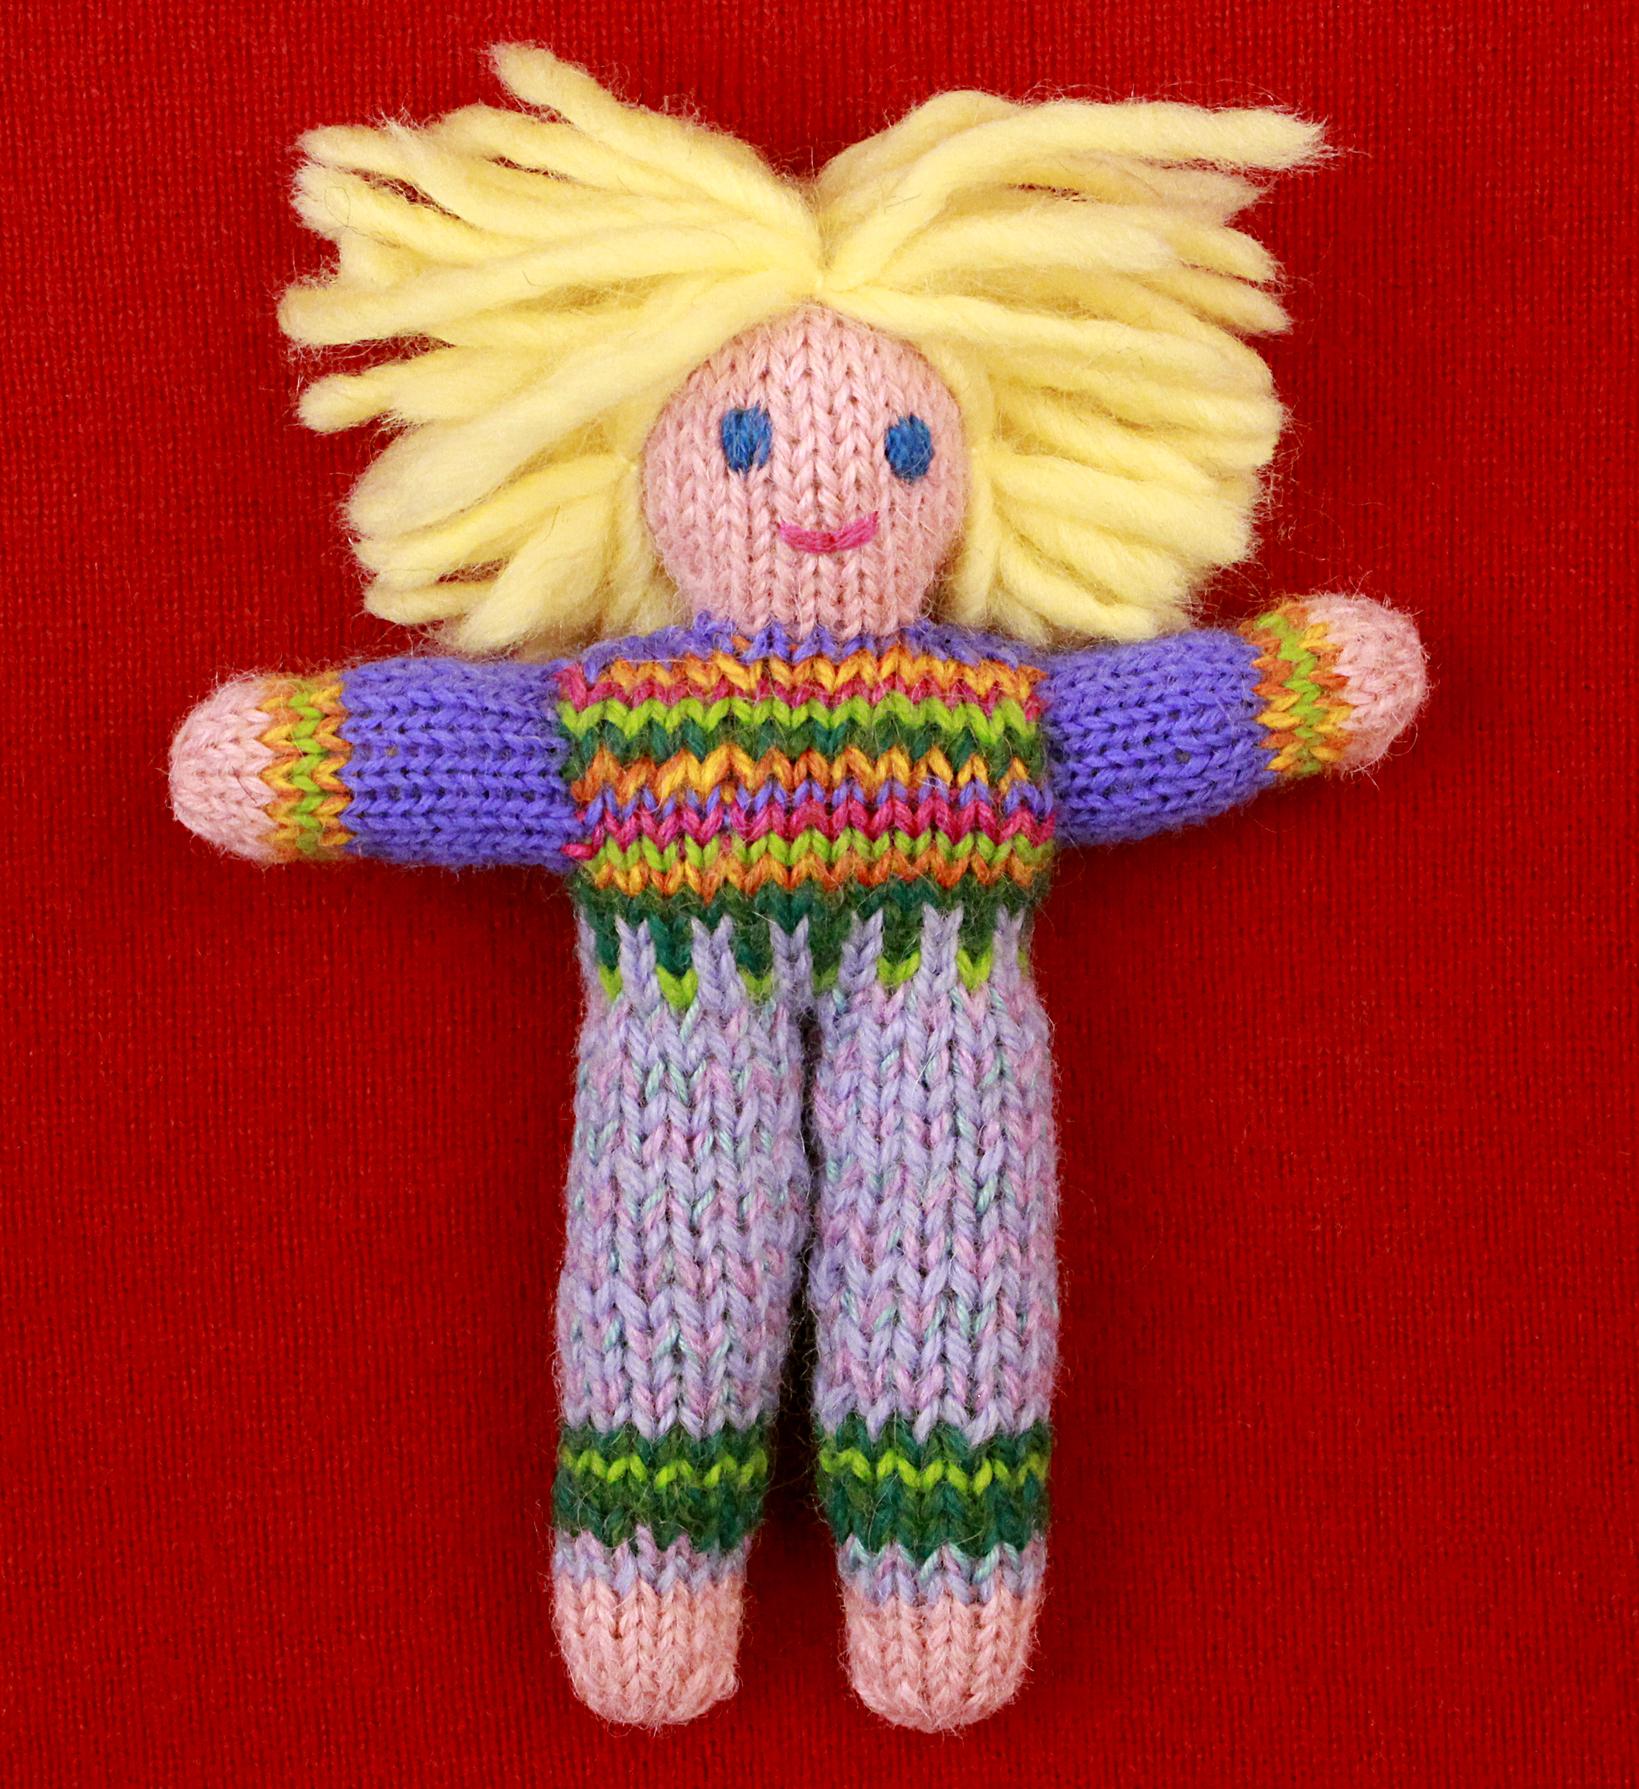 Wee Woolie doll #D0229.